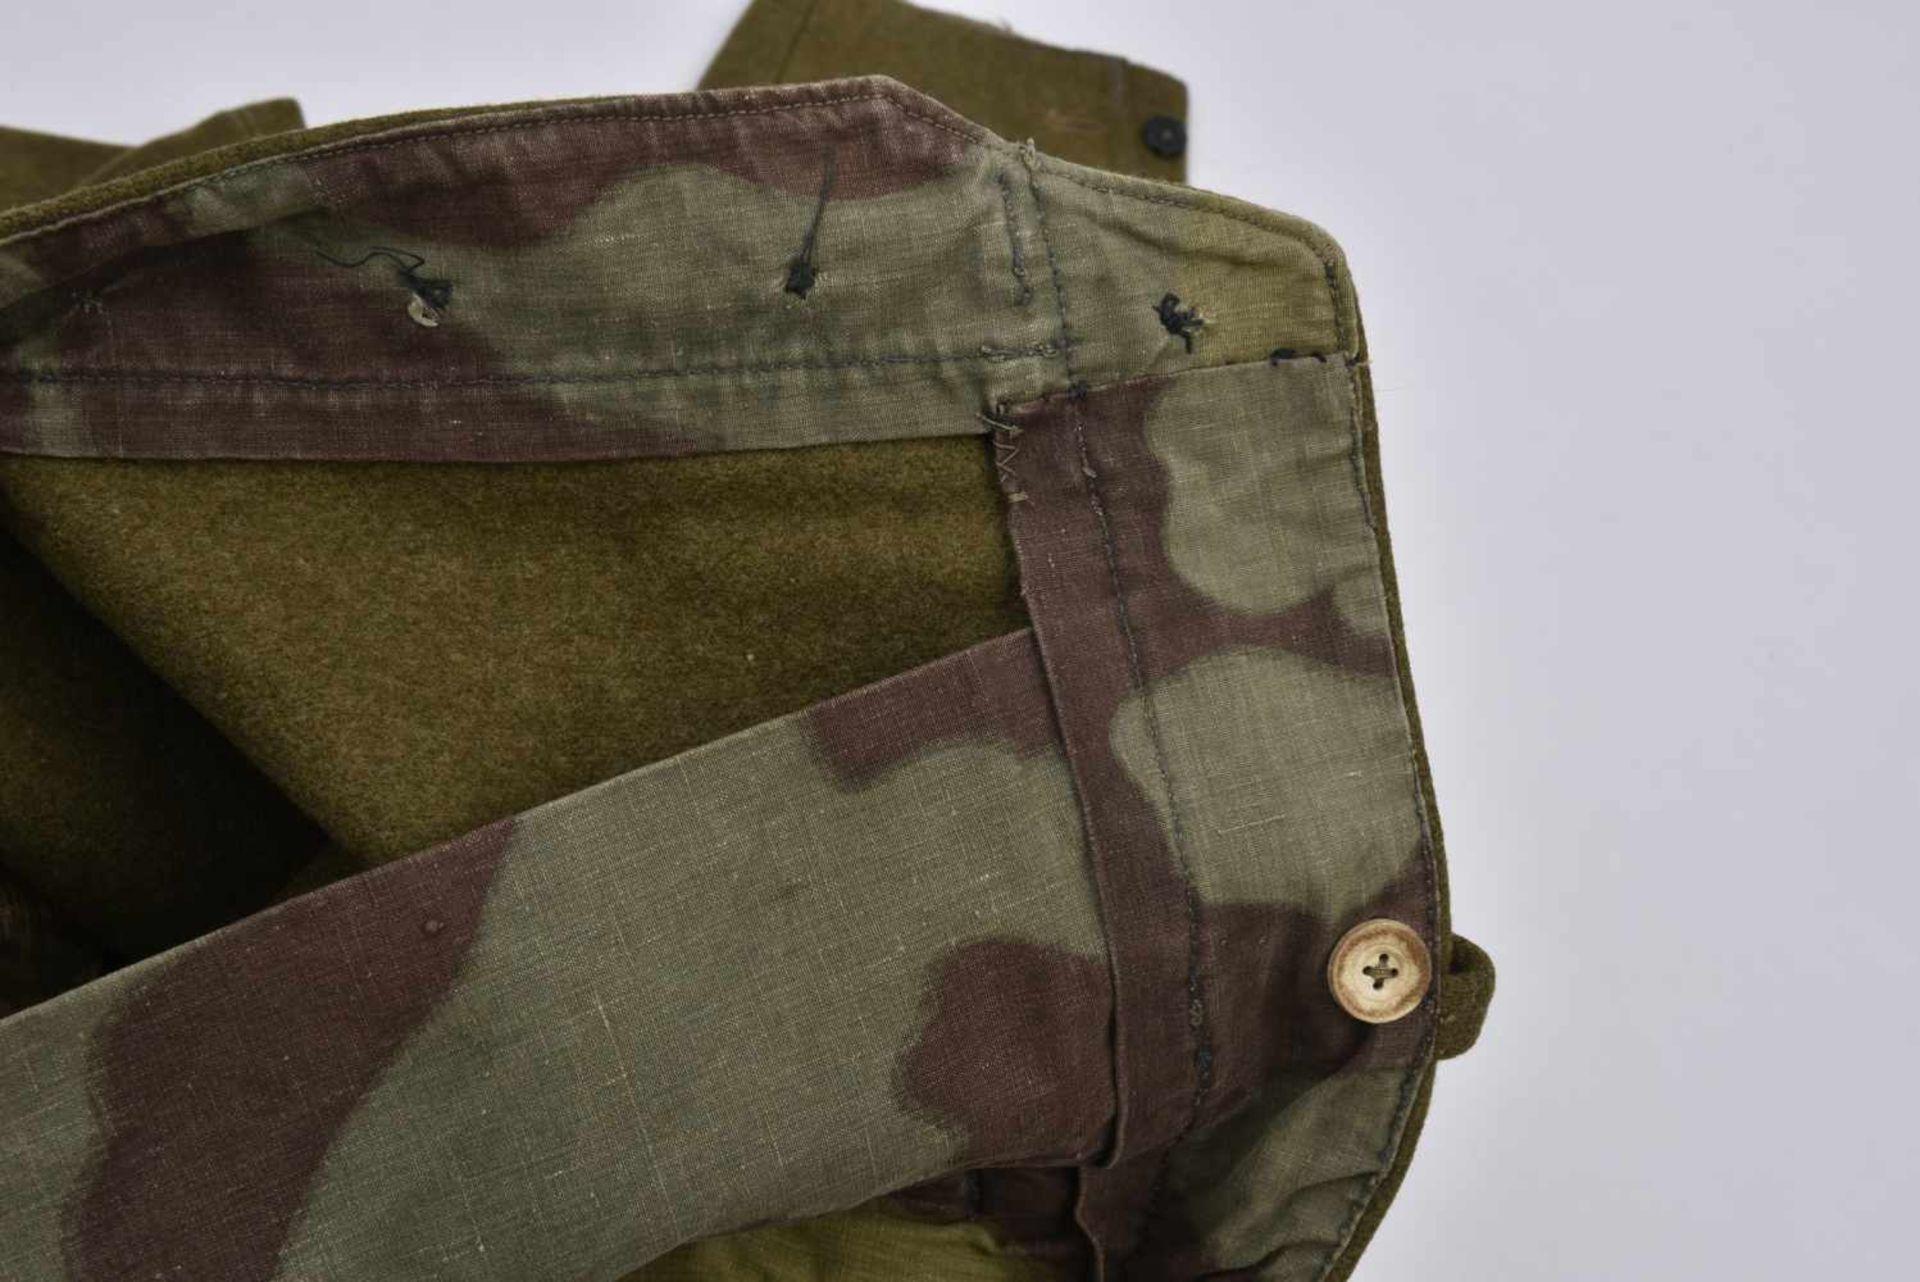 Culotte troupe M.35 hiver en laine Fabrication de guerre. Les poches ainsi que les renforts sont - Bild 3 aus 4